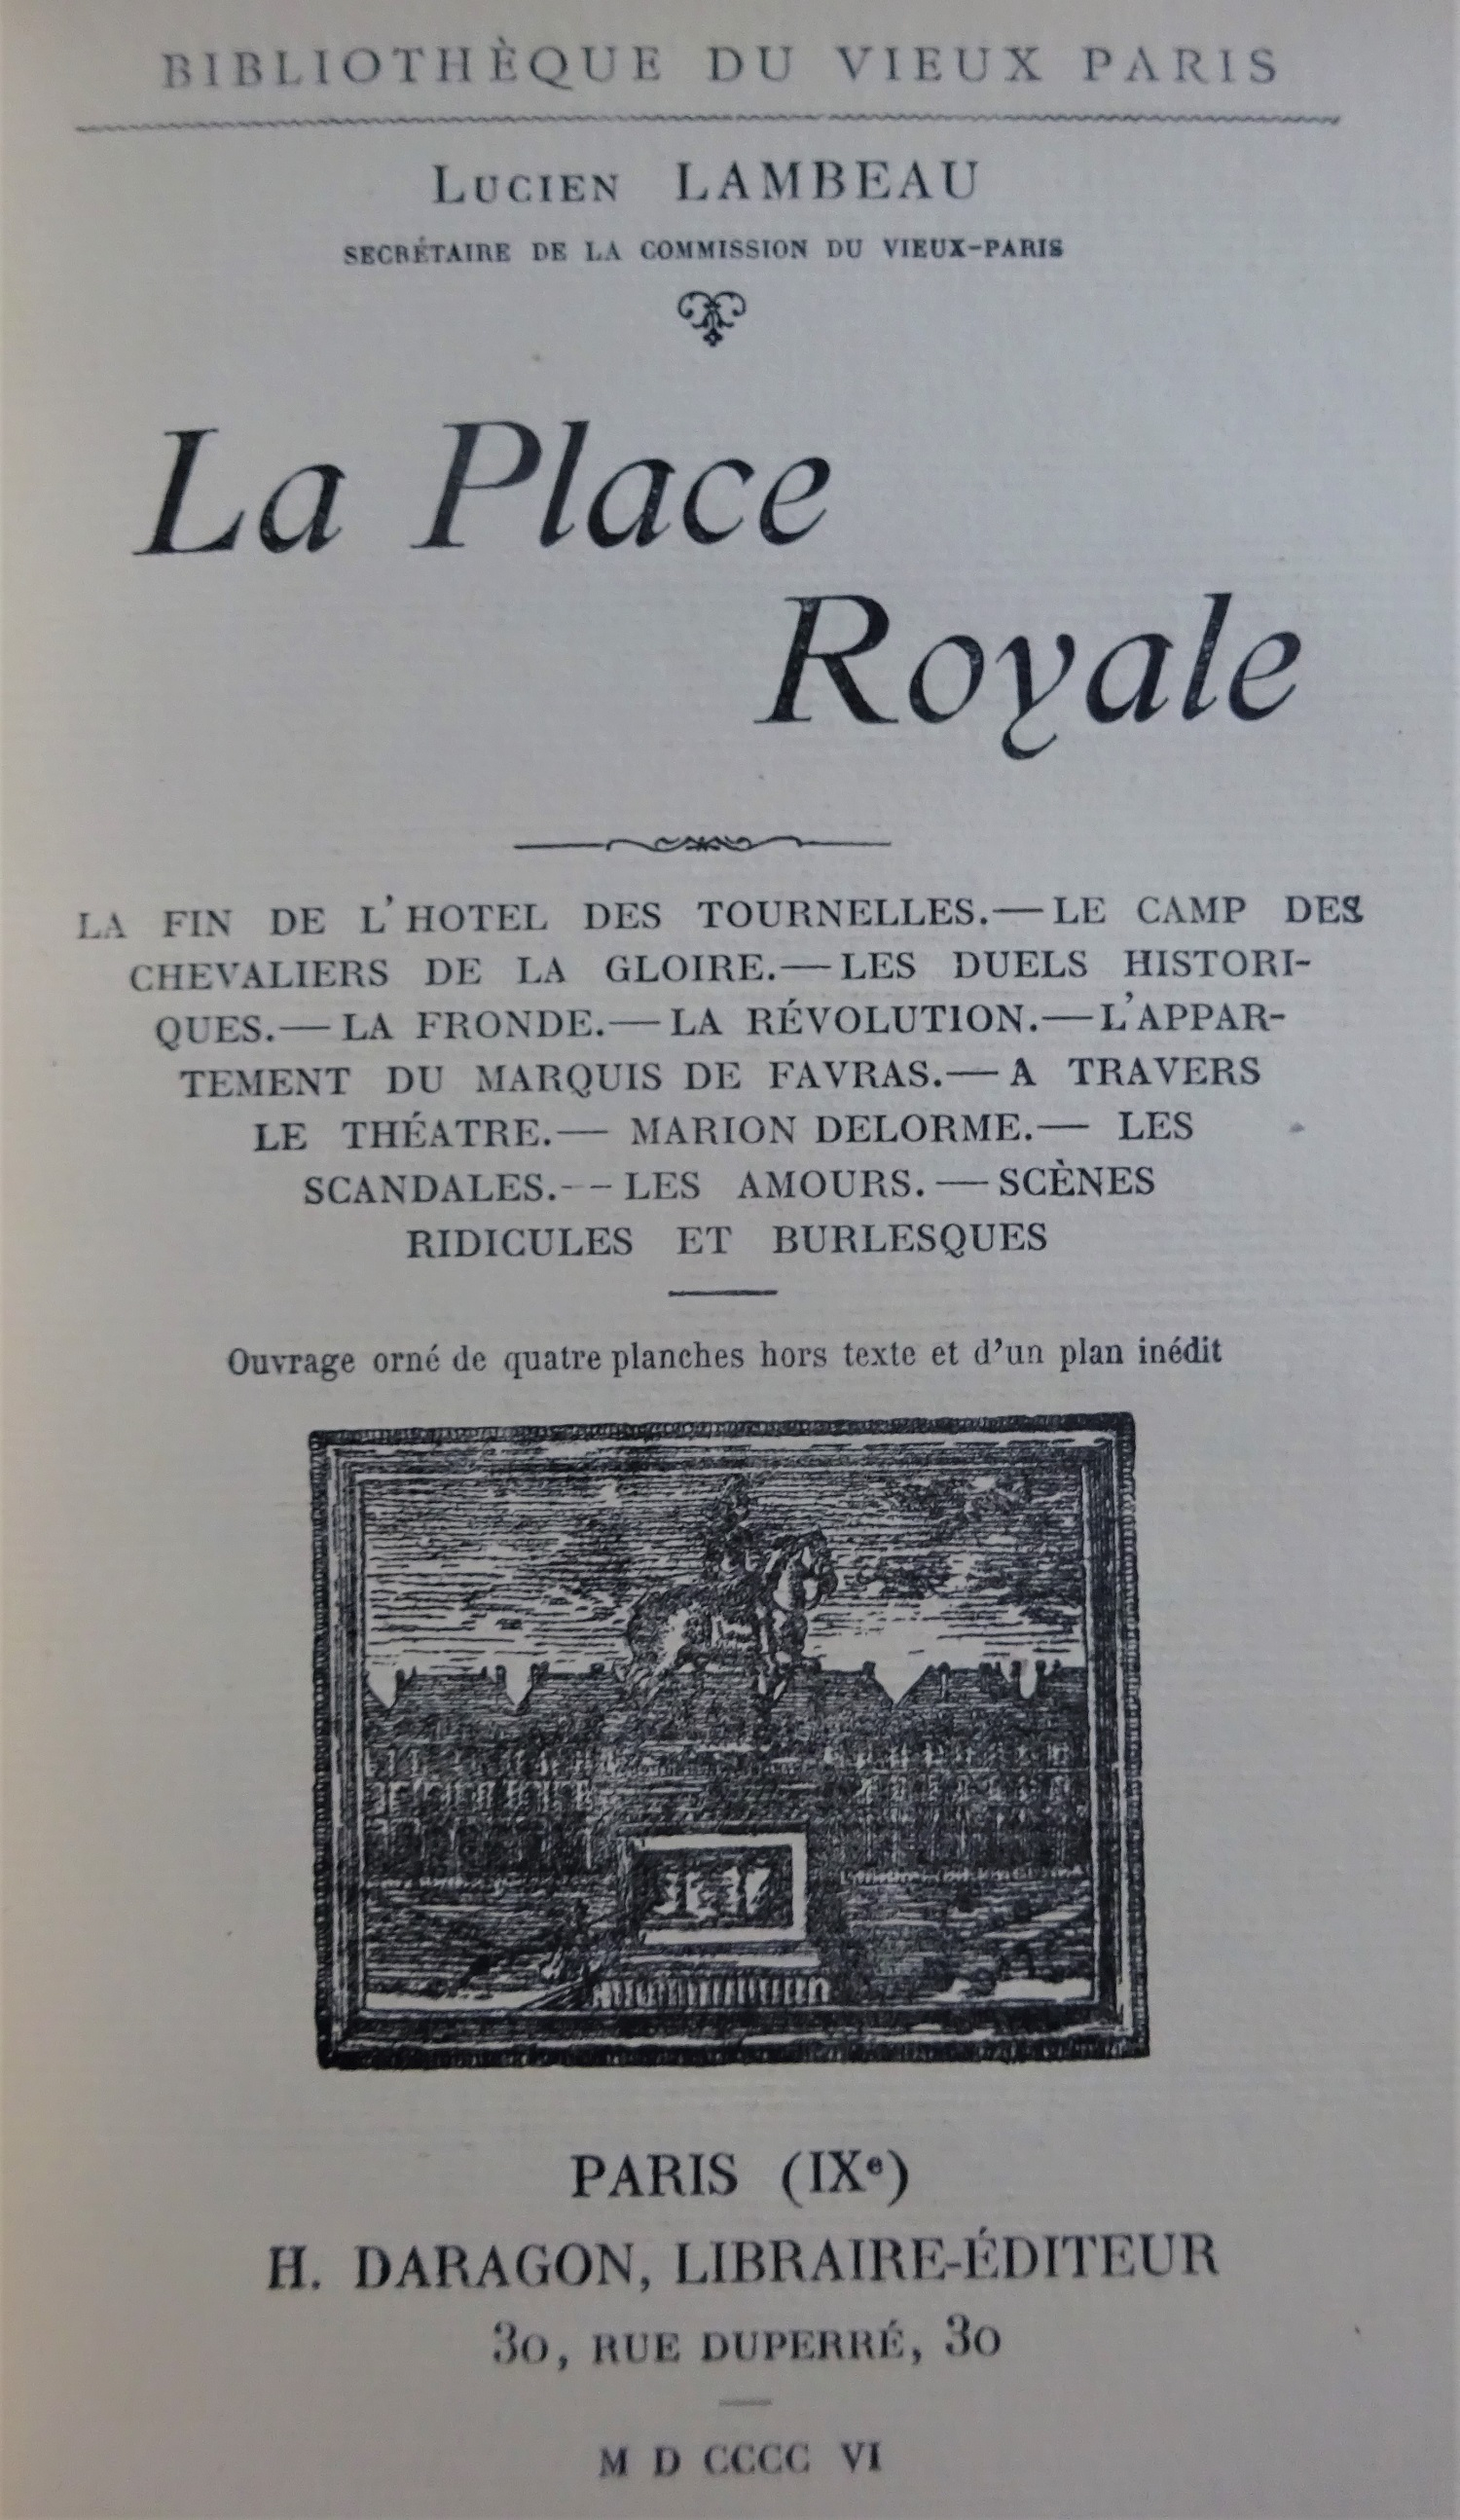 La place Royale la fin de l'hôtel des Tournelles